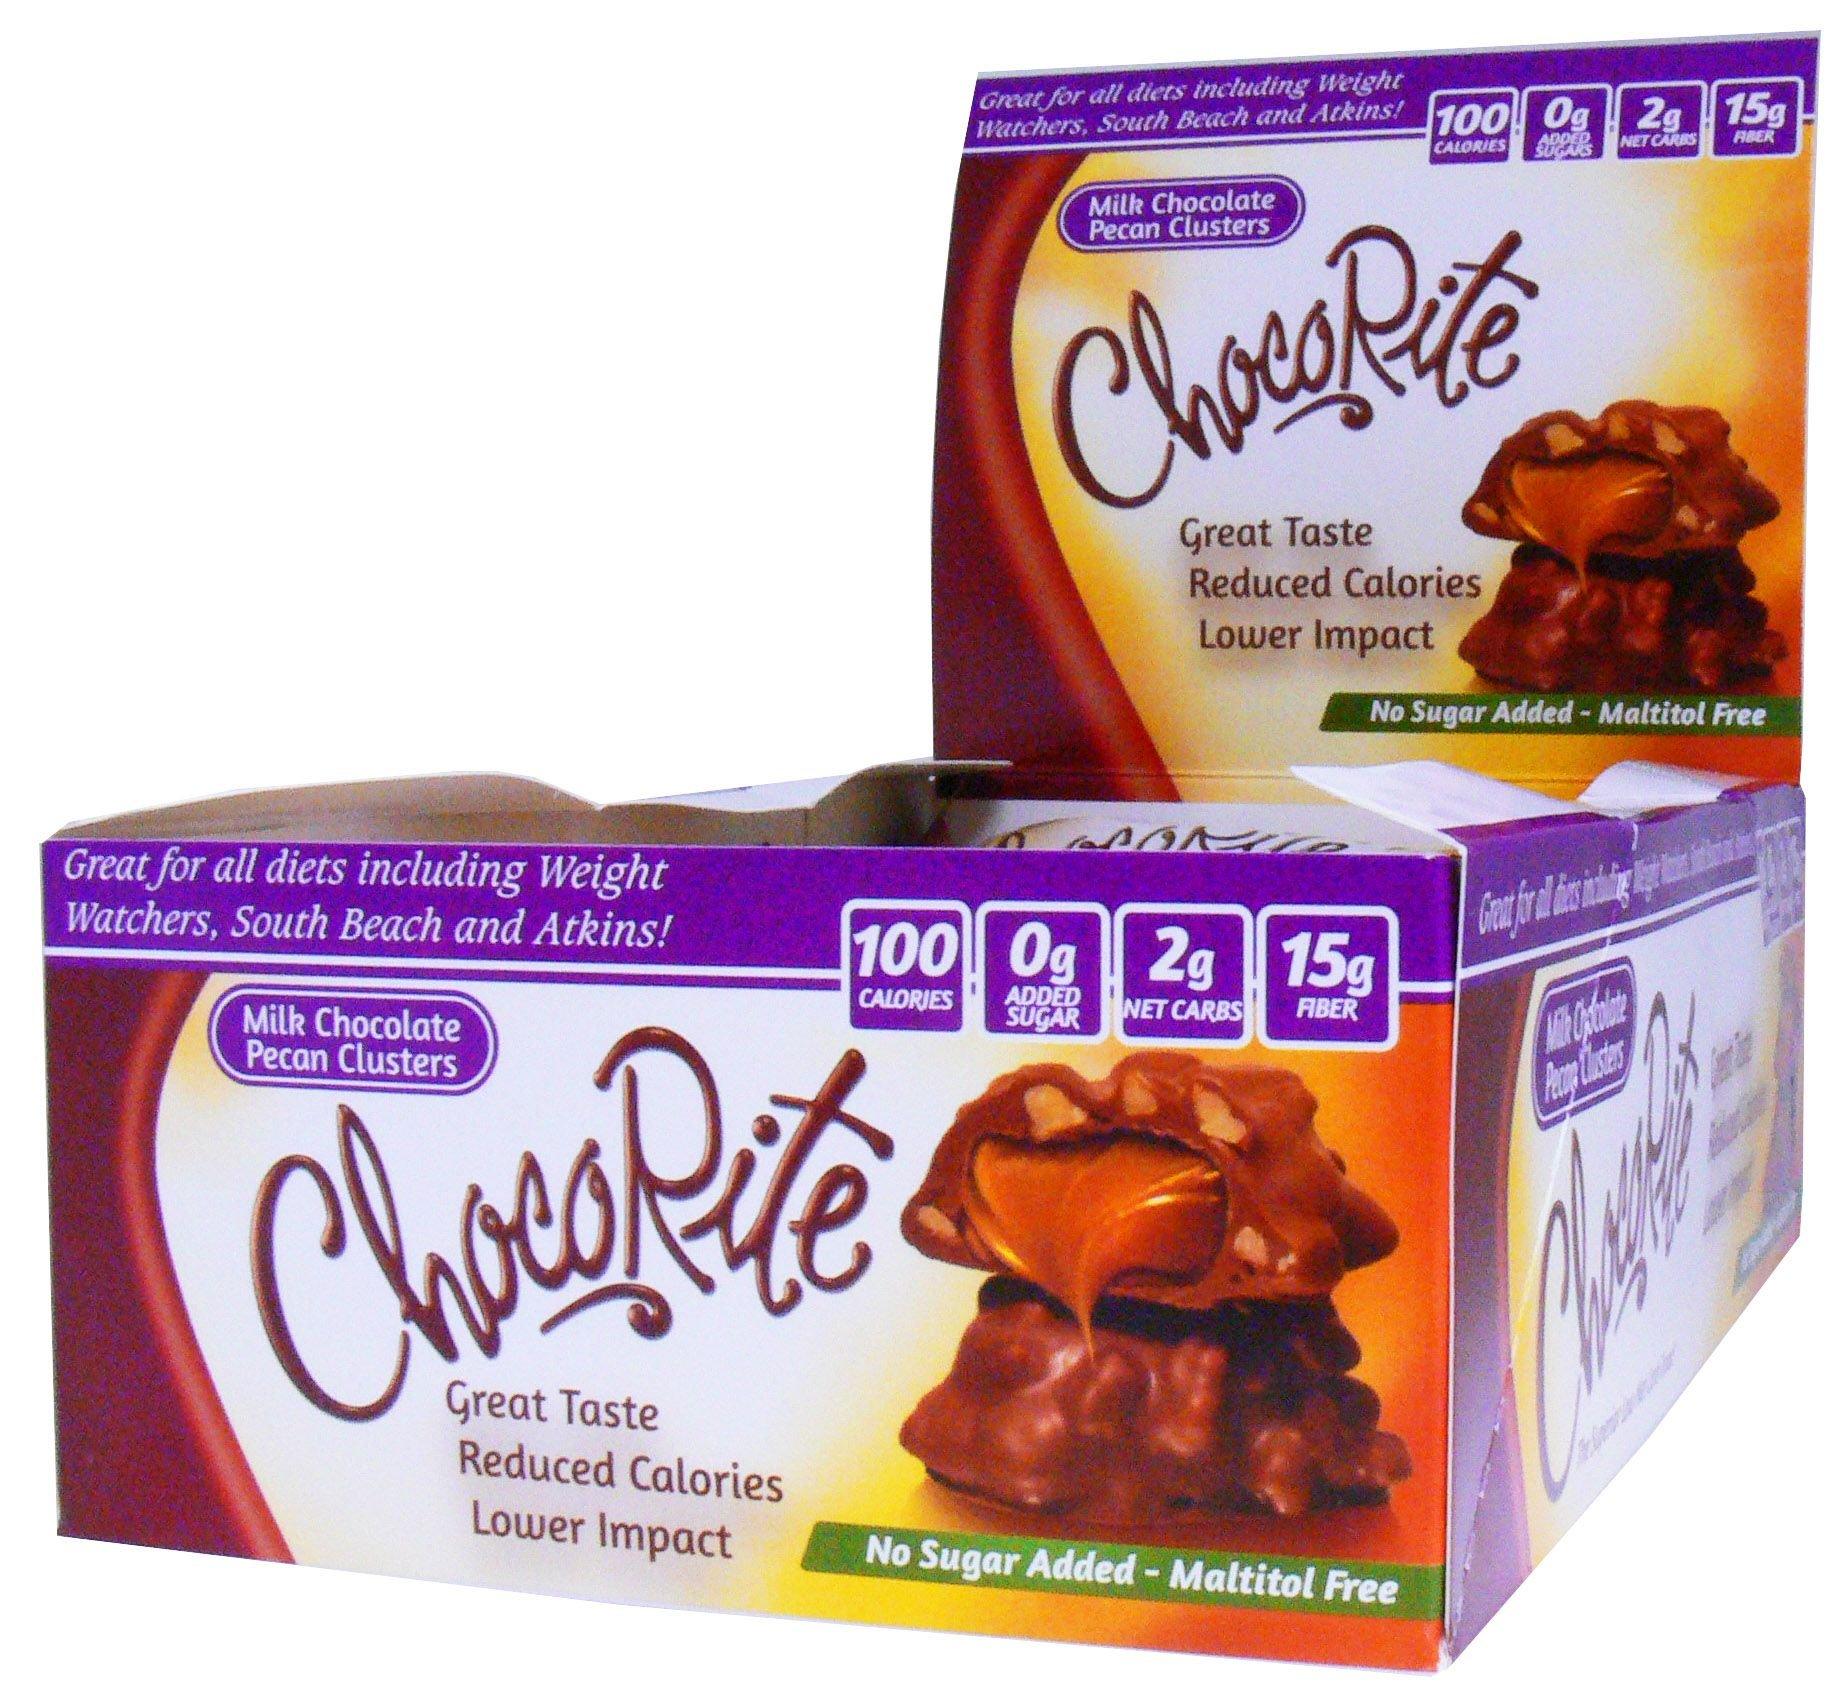 ChocoRite ChocoRite Pecan Cluster, 18 Ounce by ChocoRite